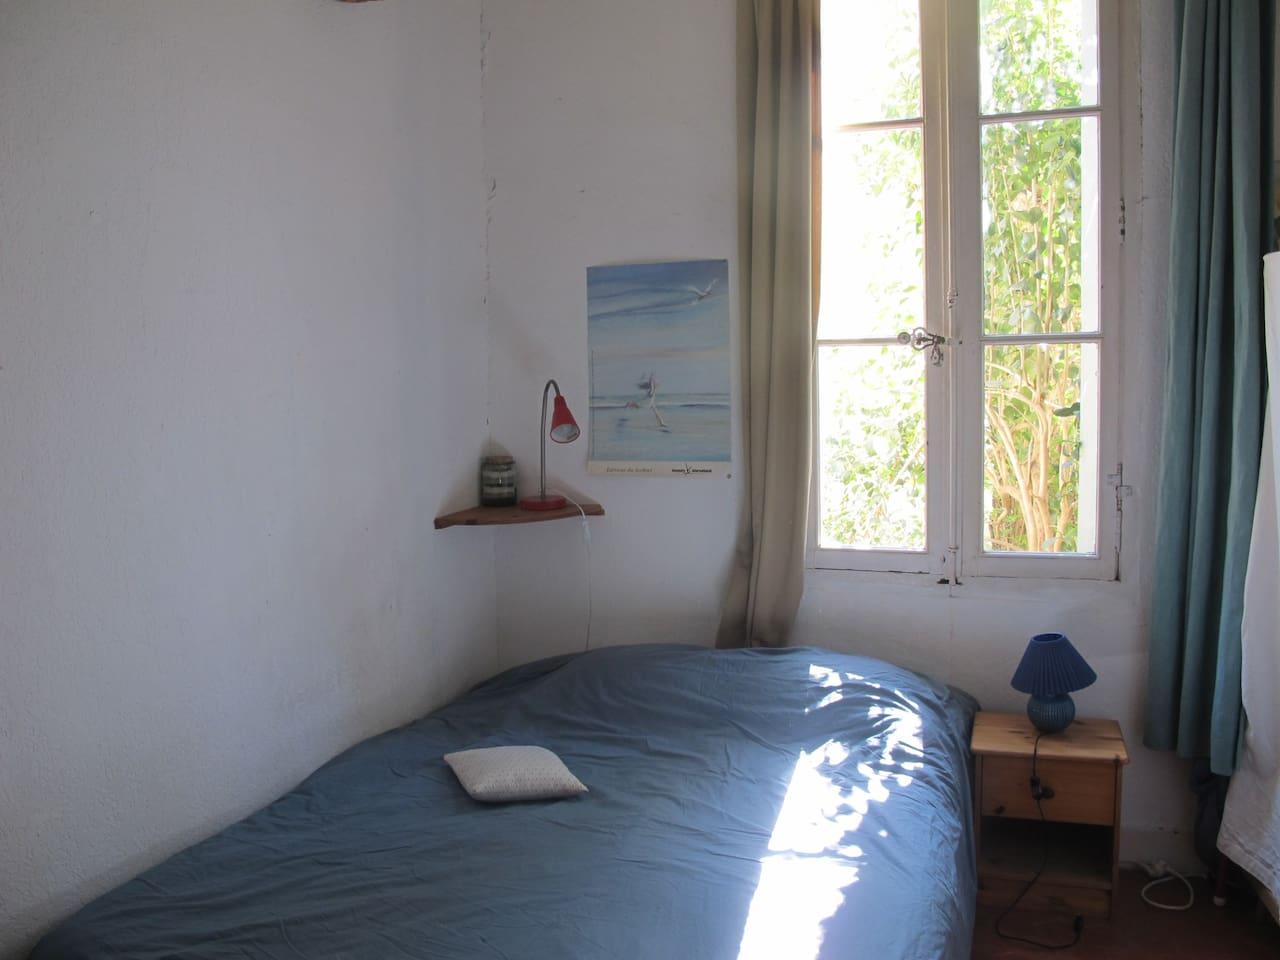 B&B in 3 roomed flat + quiet garden